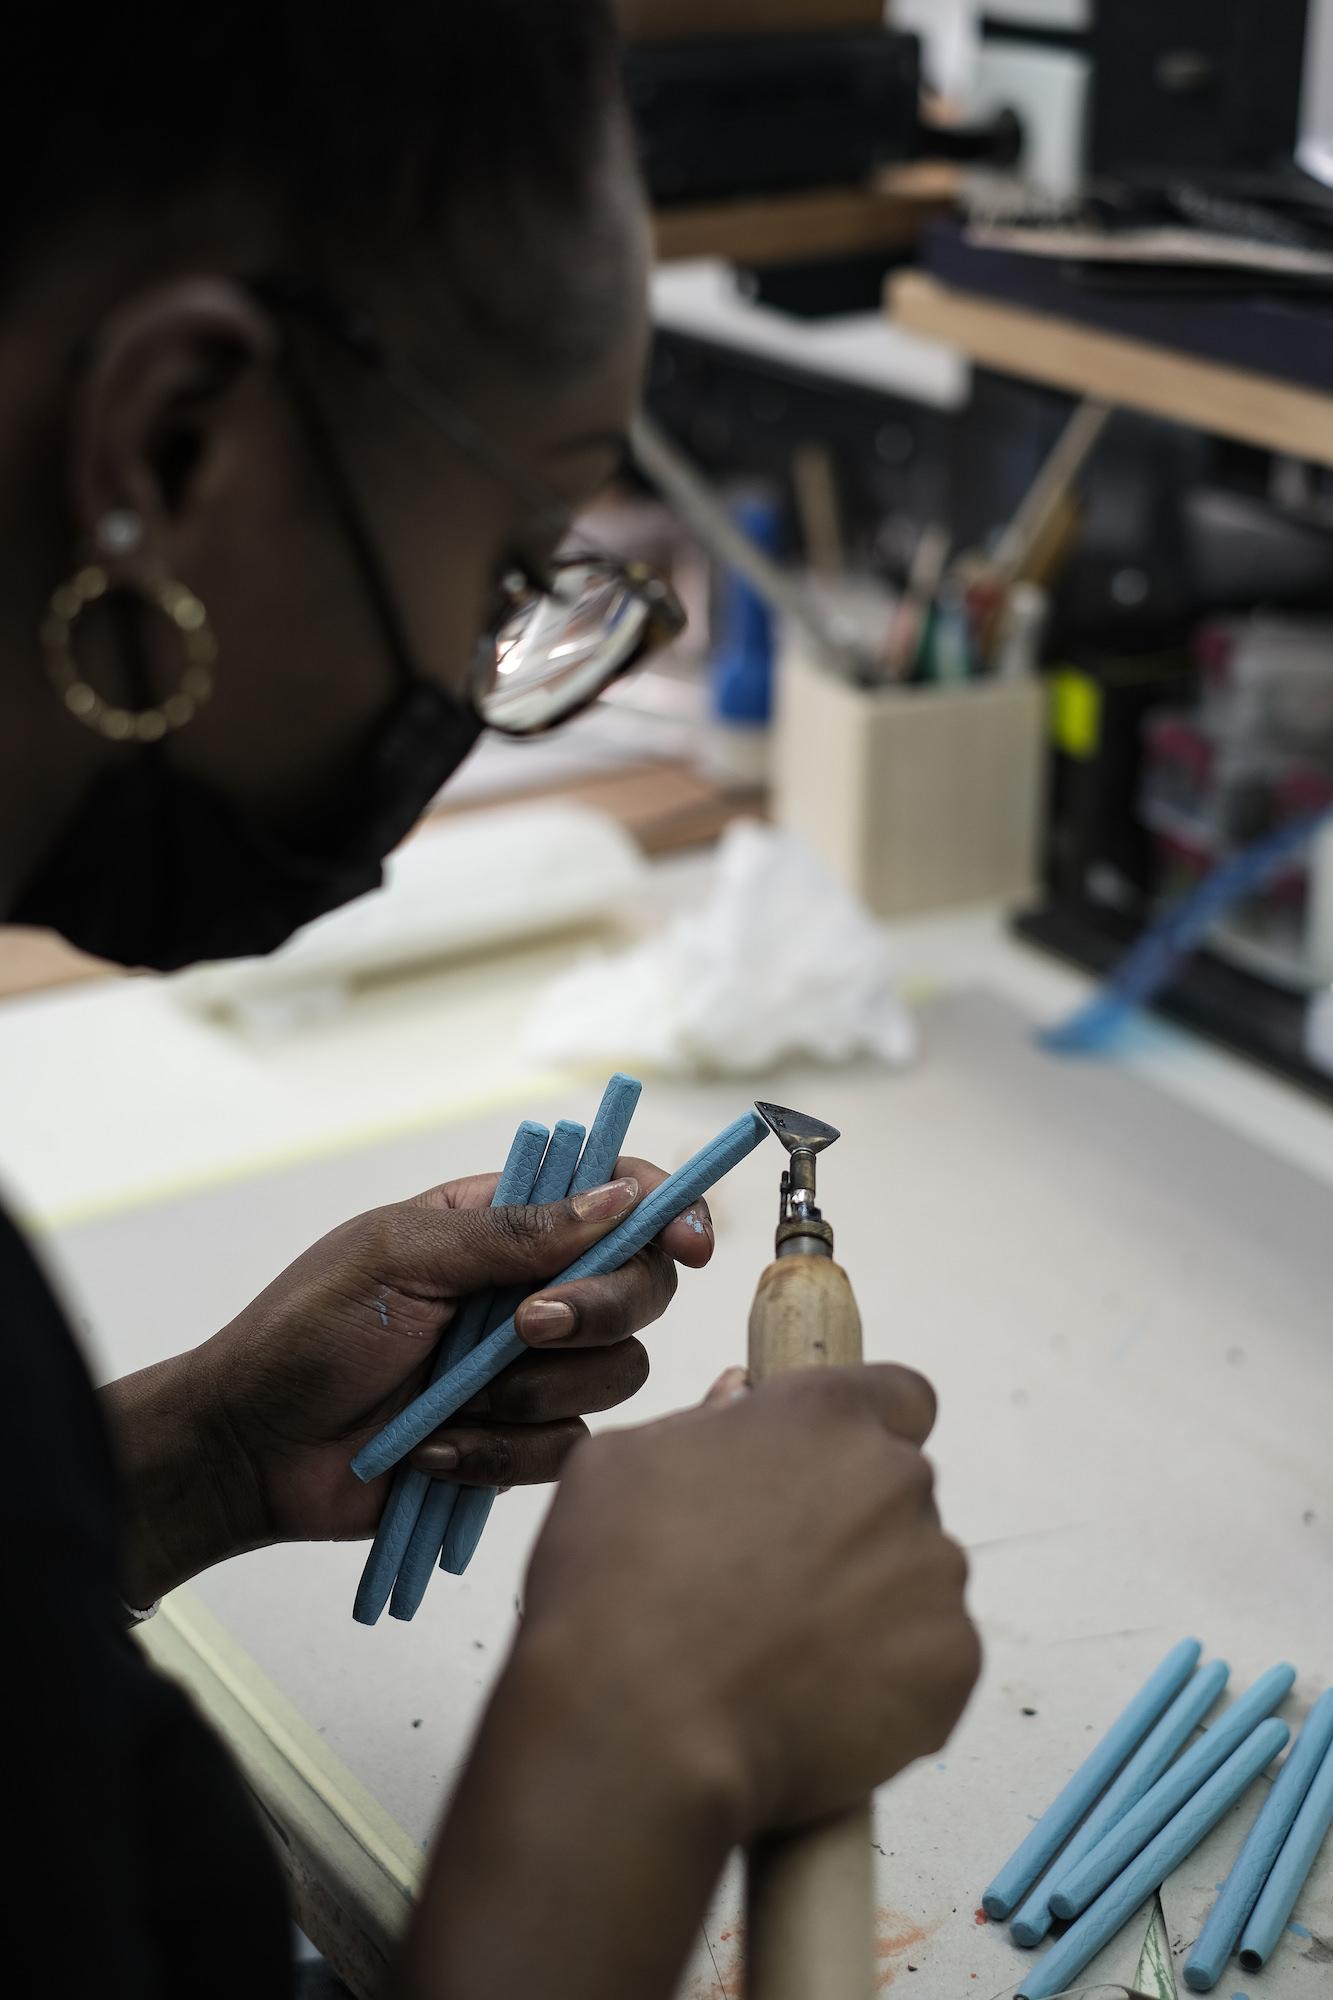 Pinel Pinel Bic fabrication paris